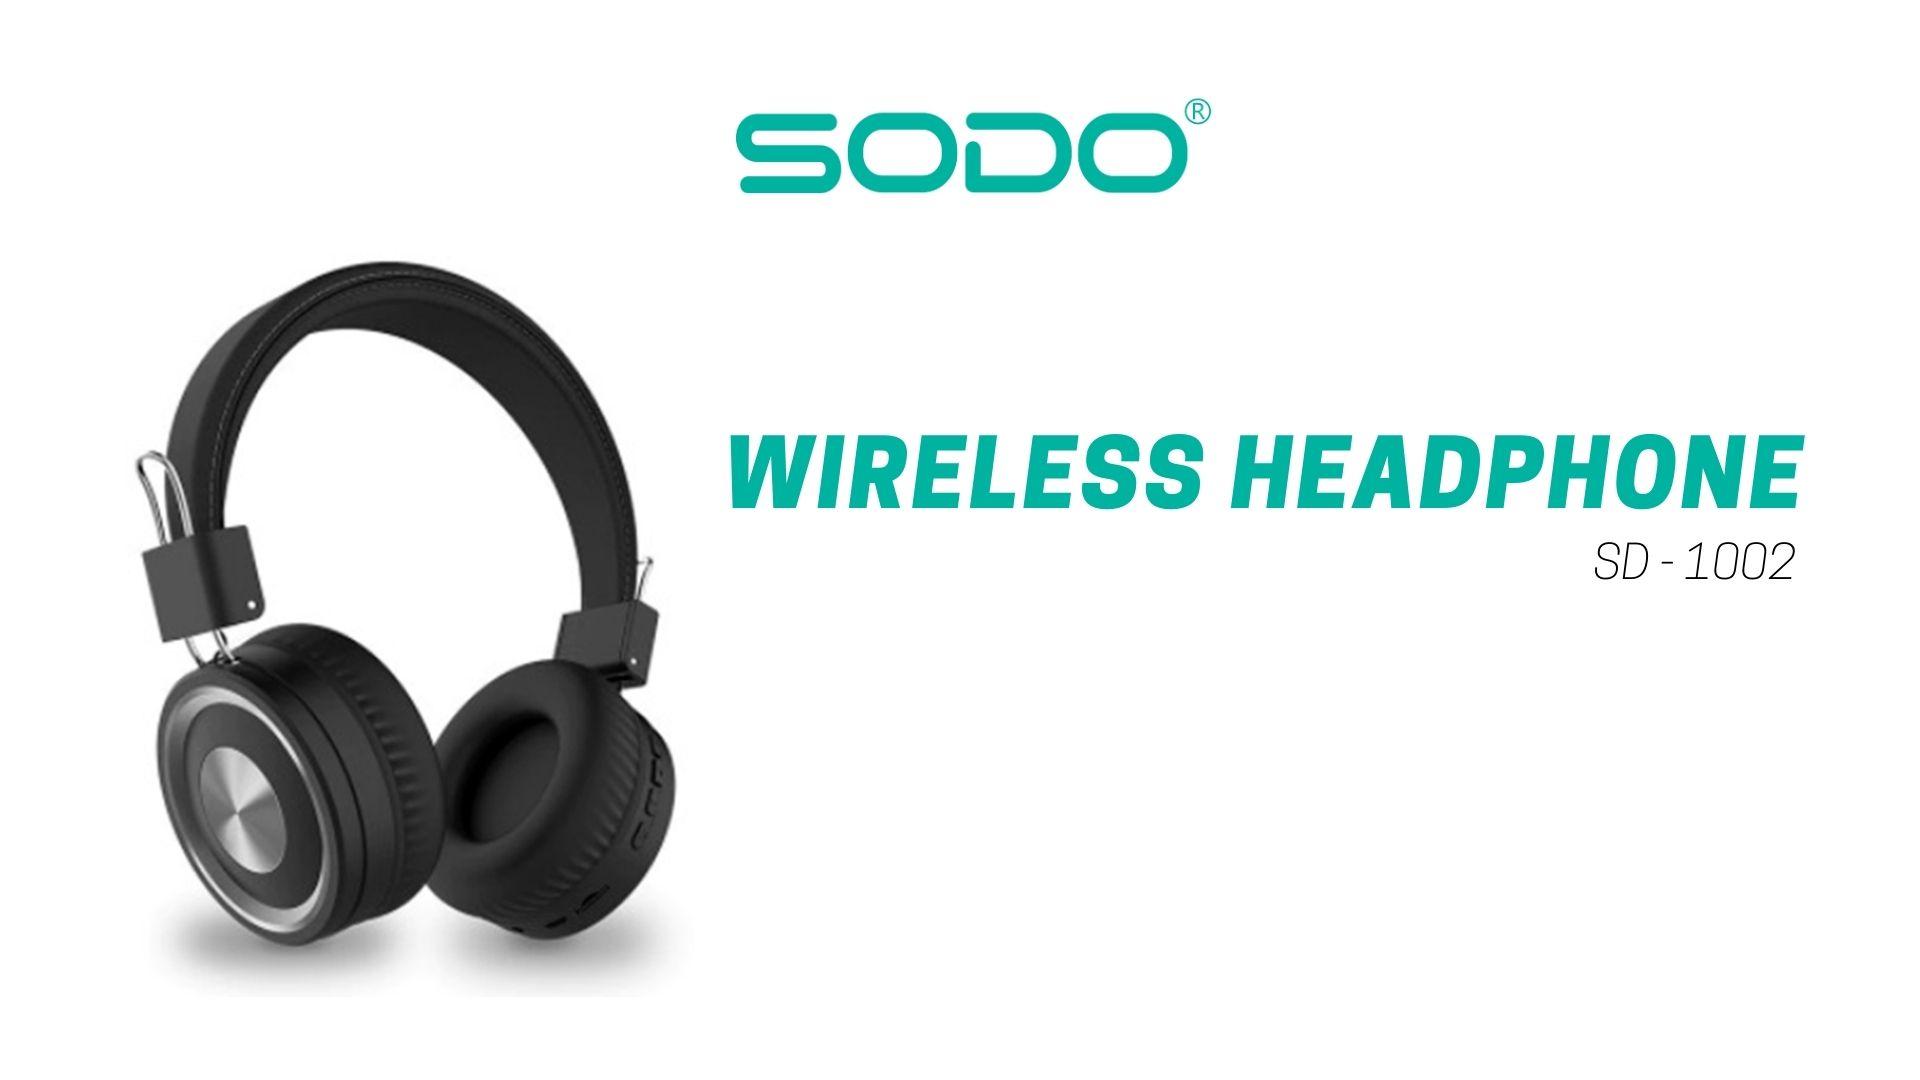 Fone De Ouvido Headset Bluetooth-5.0 1002-Sodo